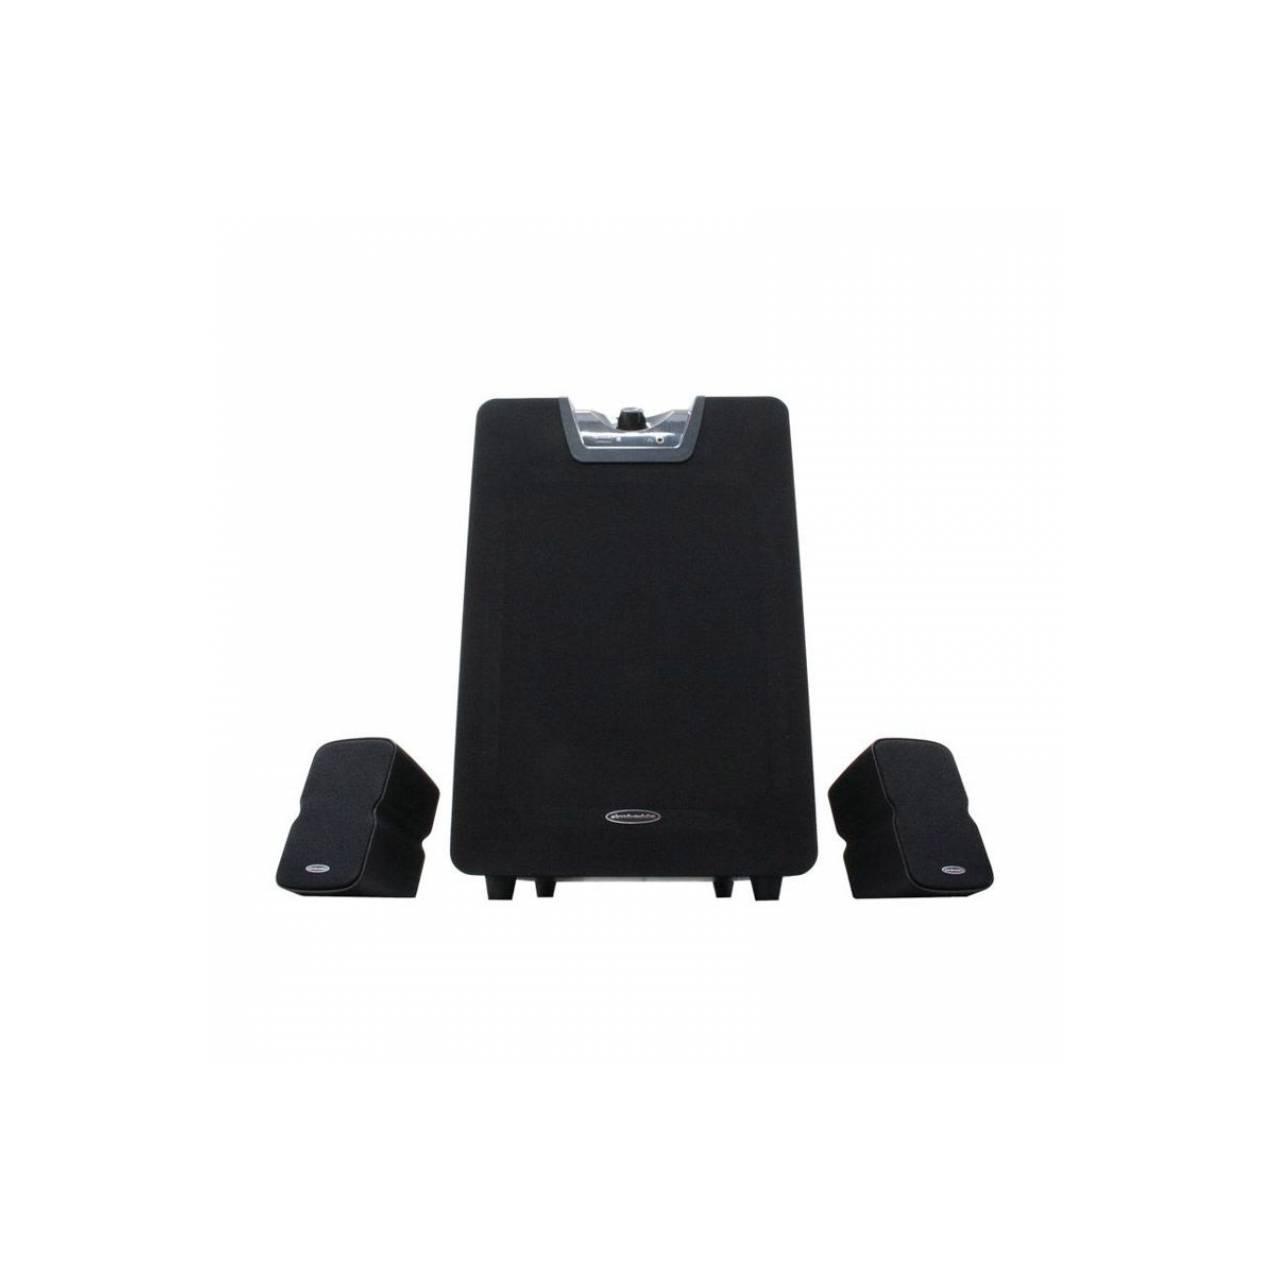 Speaker simbada Toba 8 120watt-remote